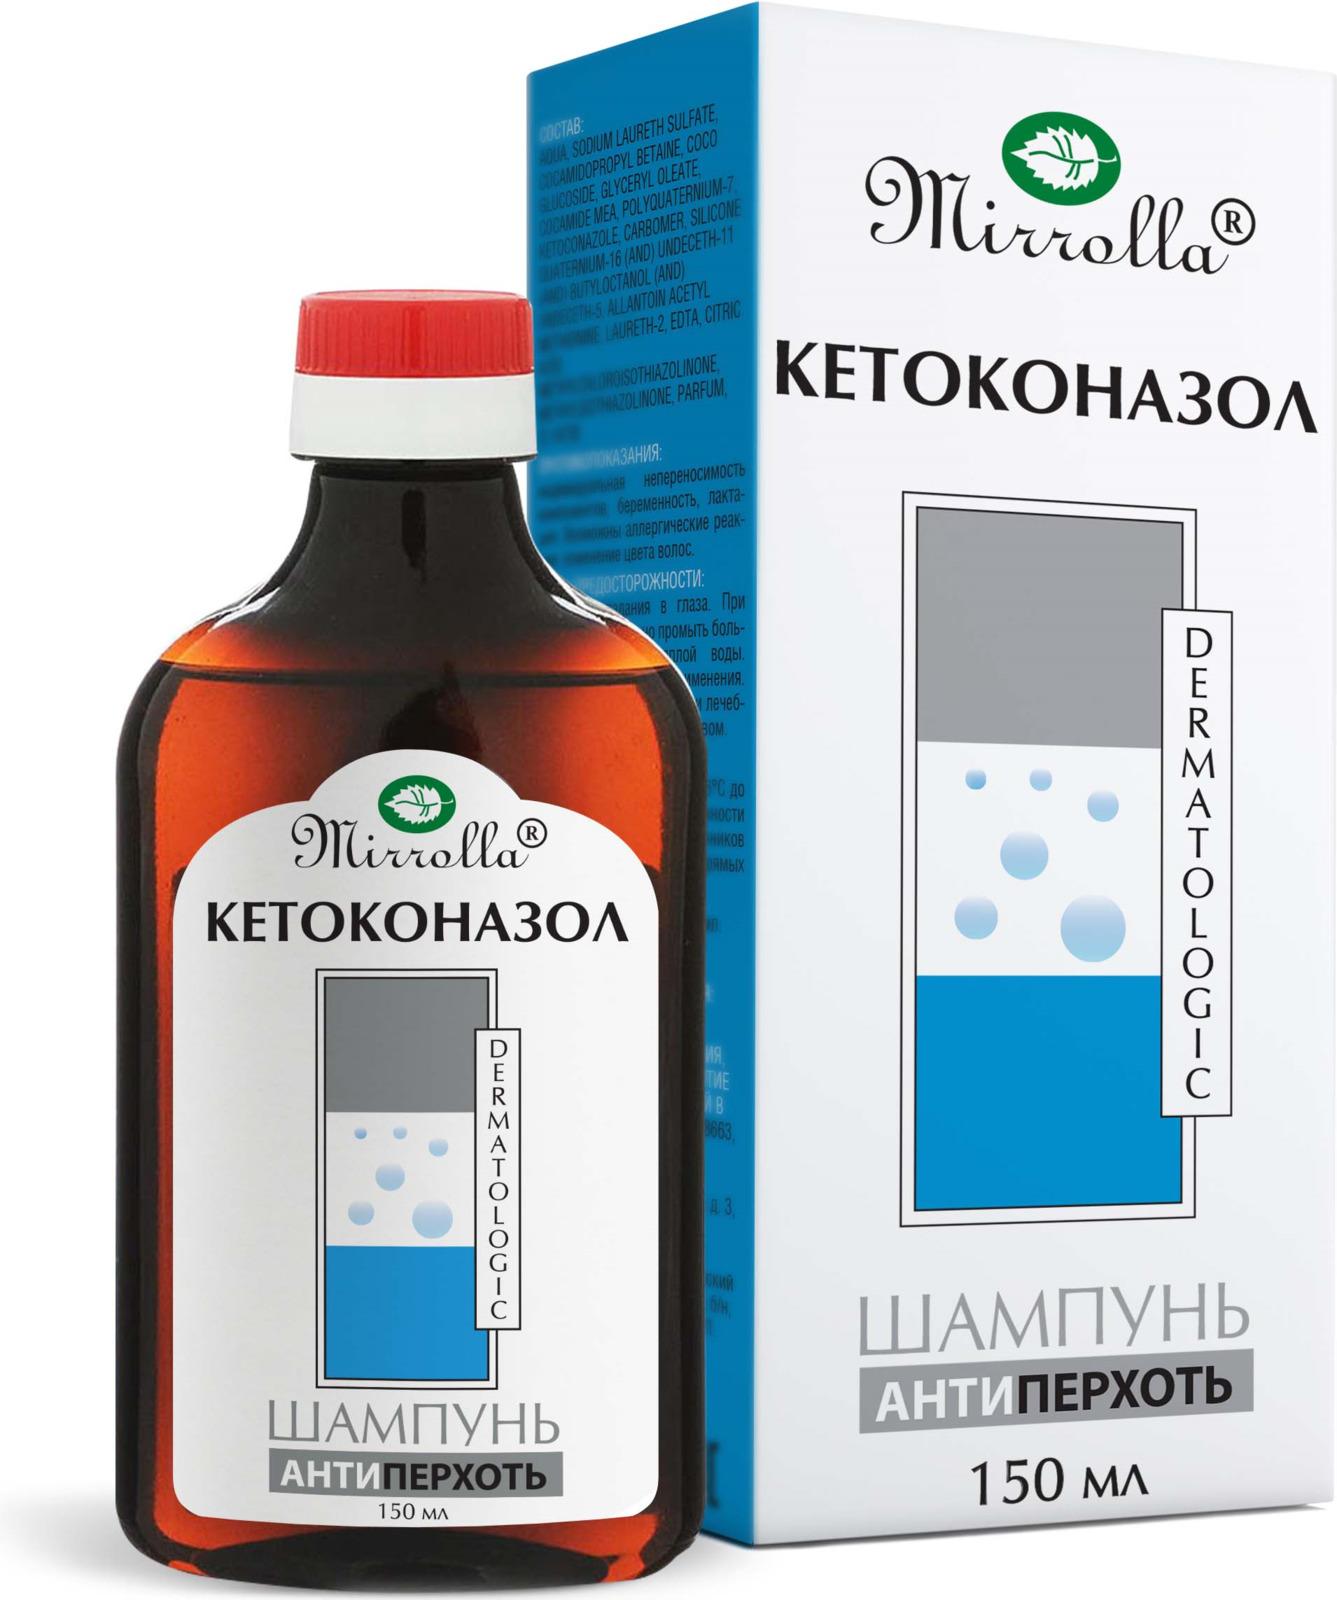 """Мирролла Шампунь от перхоти """"Mirrolla""""® с кетоконазолом 2% 150 мл"""